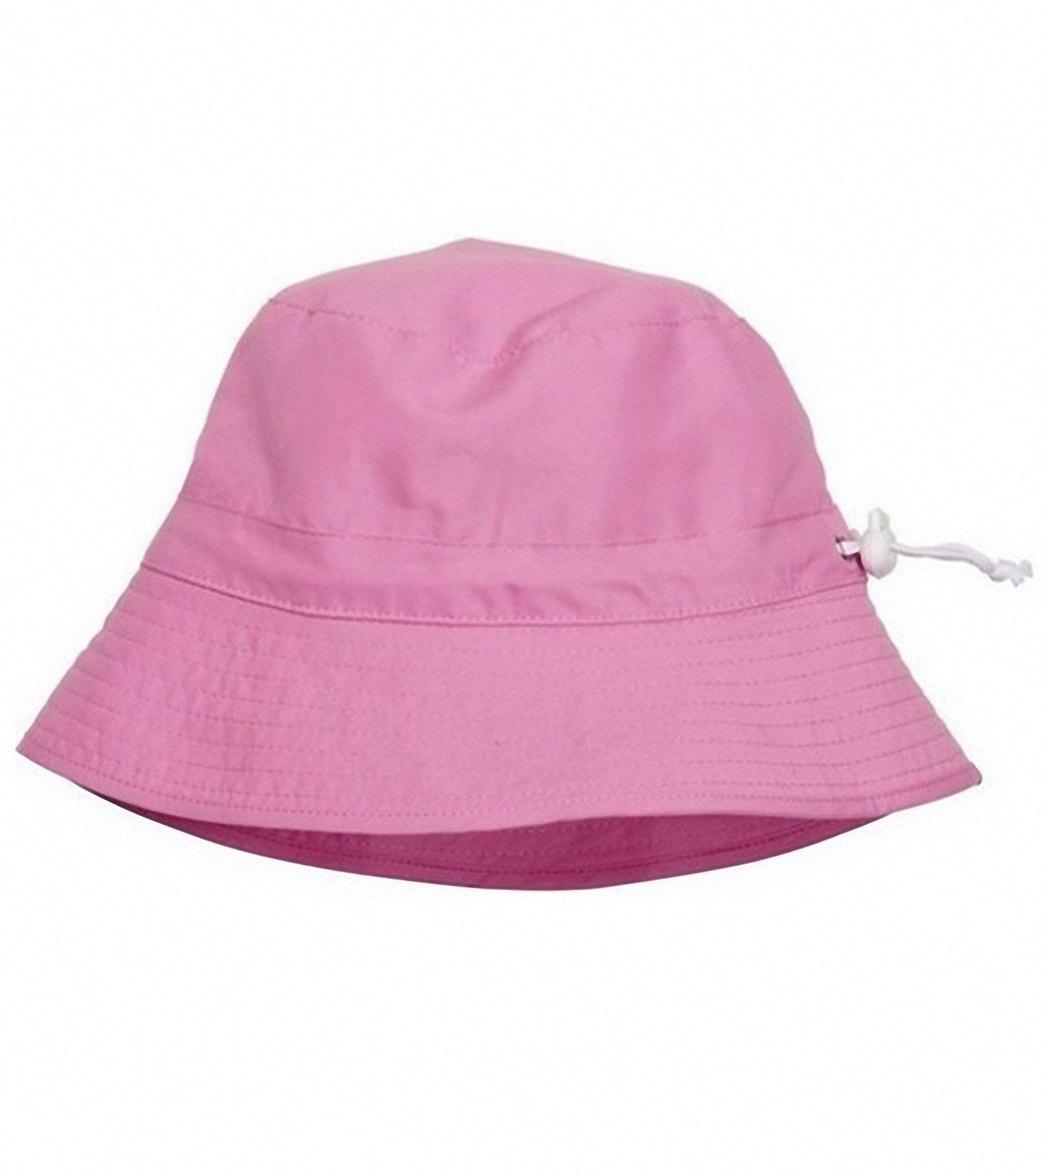 2a3088ed8 Snapper Rock Girls' Pink Bucket Hat (Kids)